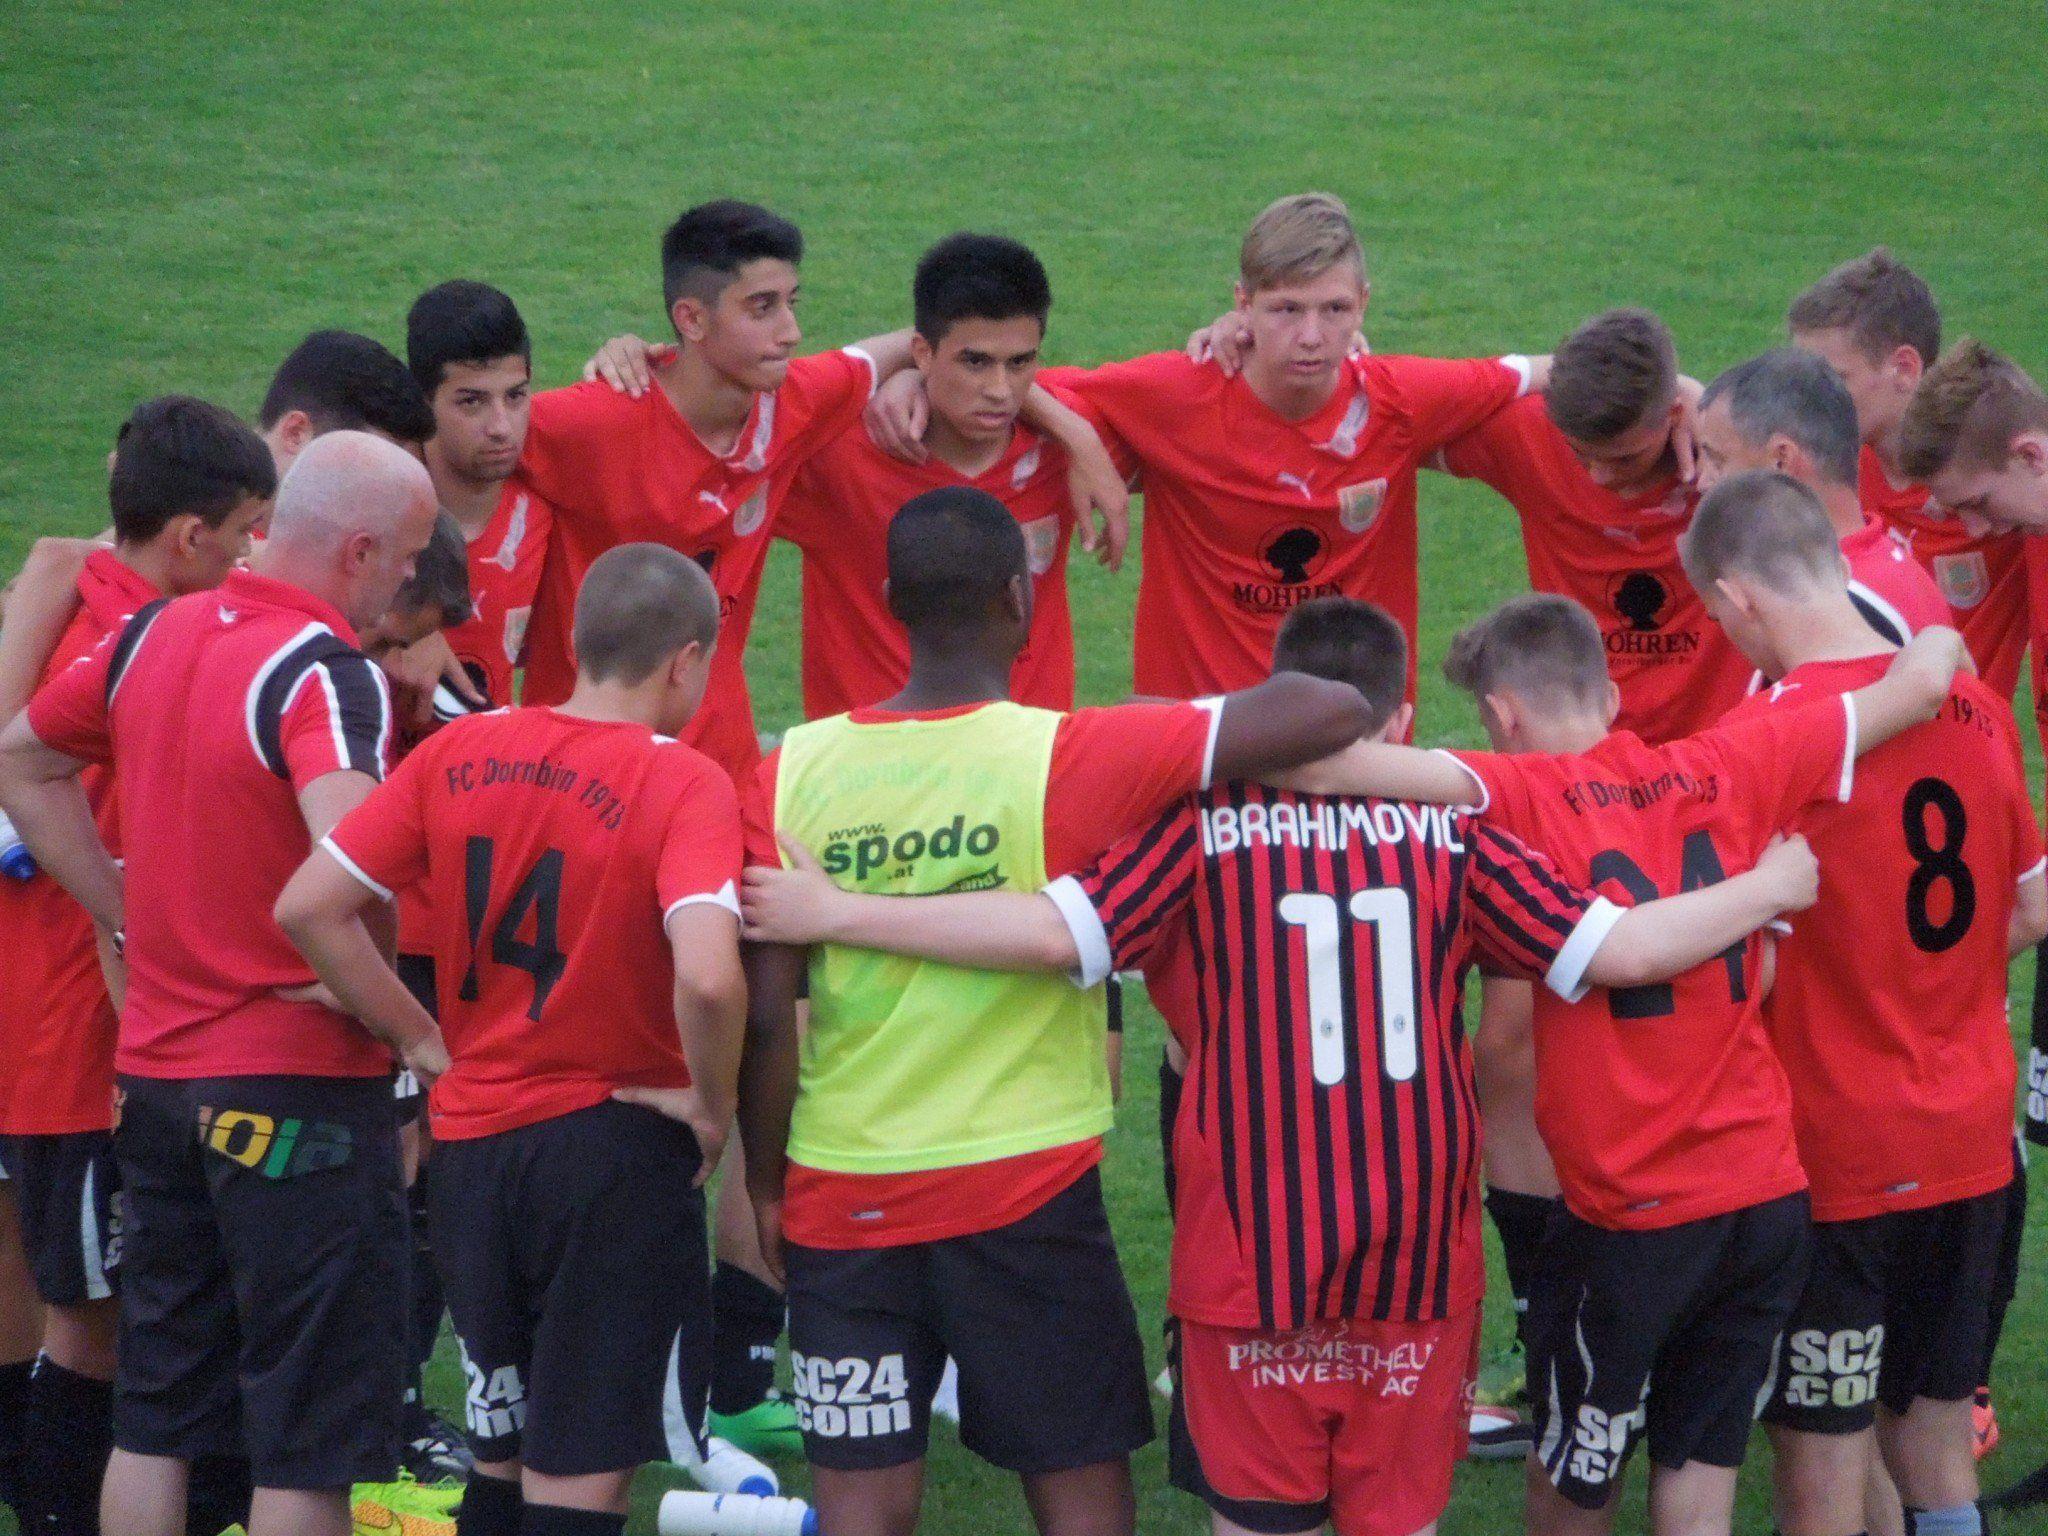 Nach dem 6:1 Sieg gegen die Austria Lustenau auswärts konnte die U16 des FC Dornbirn entspannt ins Rückspiel im Halbfinale gehen.